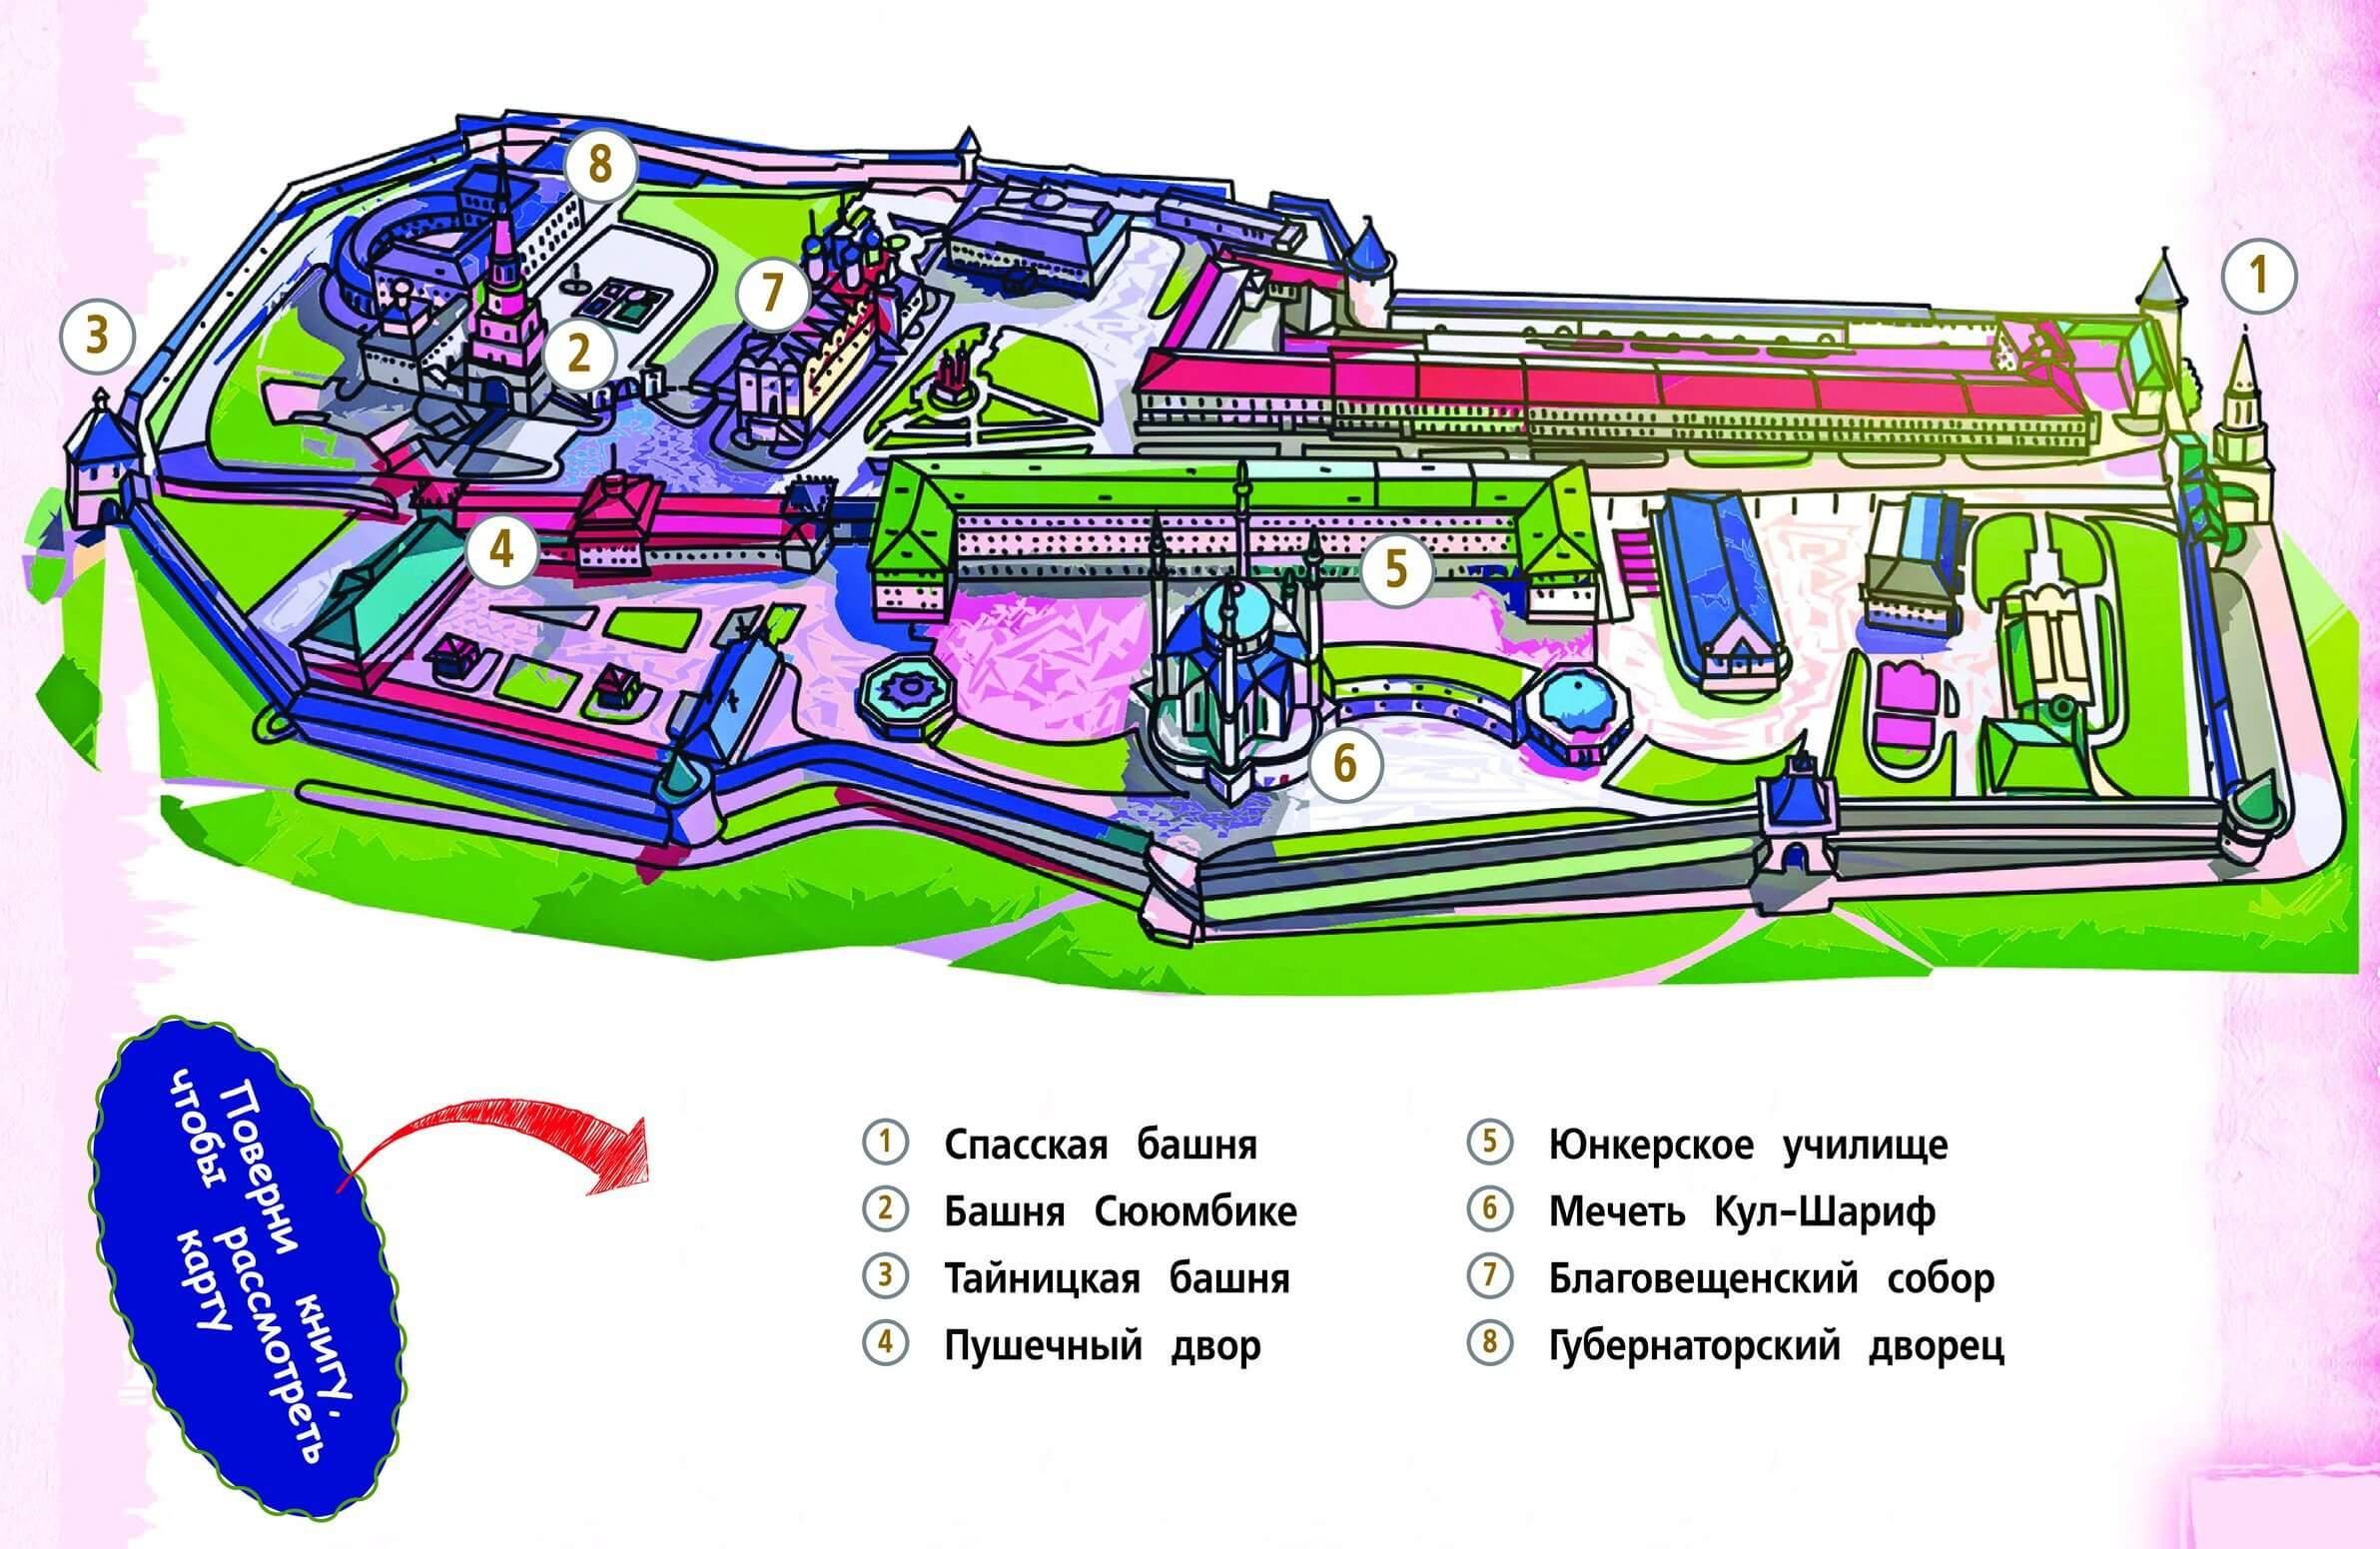 """Иллюстрация из путеводителя """"Казань для детей"""""""